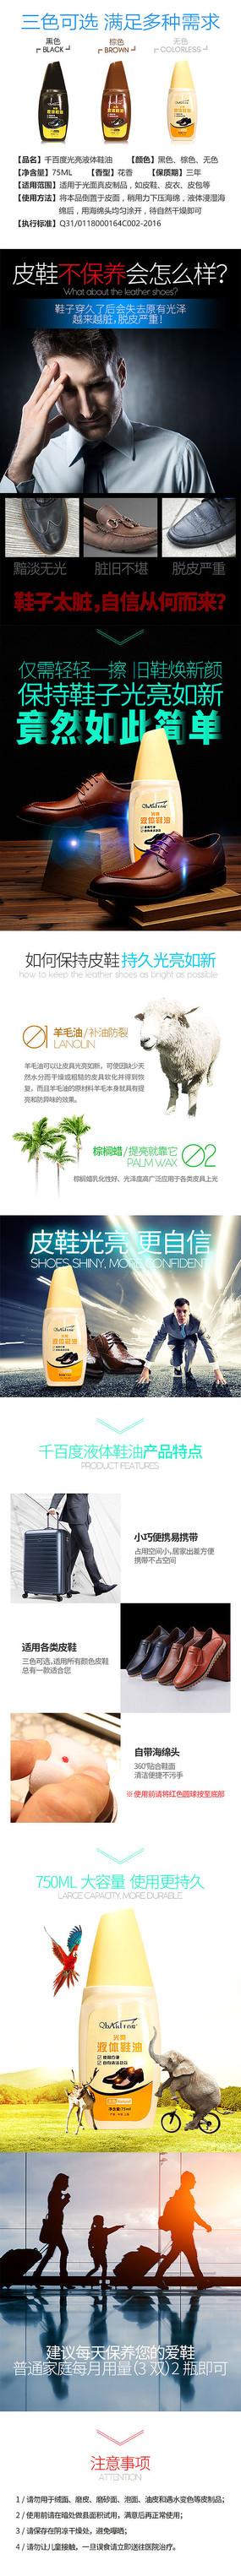 鞋油产品详情页设计